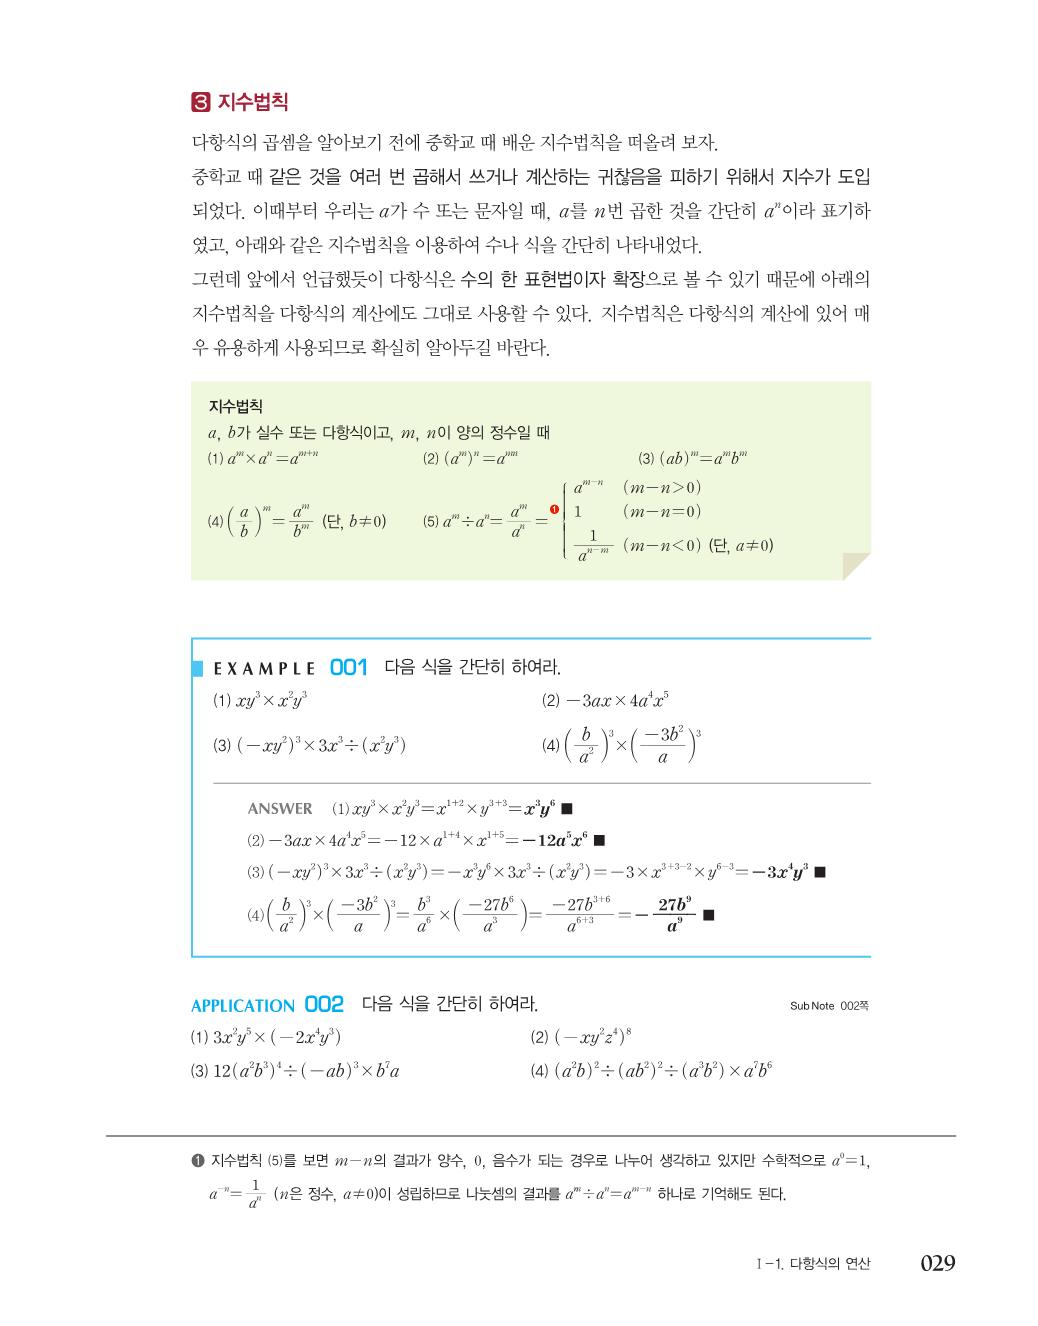 숨마쿰라우데 기본개념서 고등수학(상)_optimize18.png